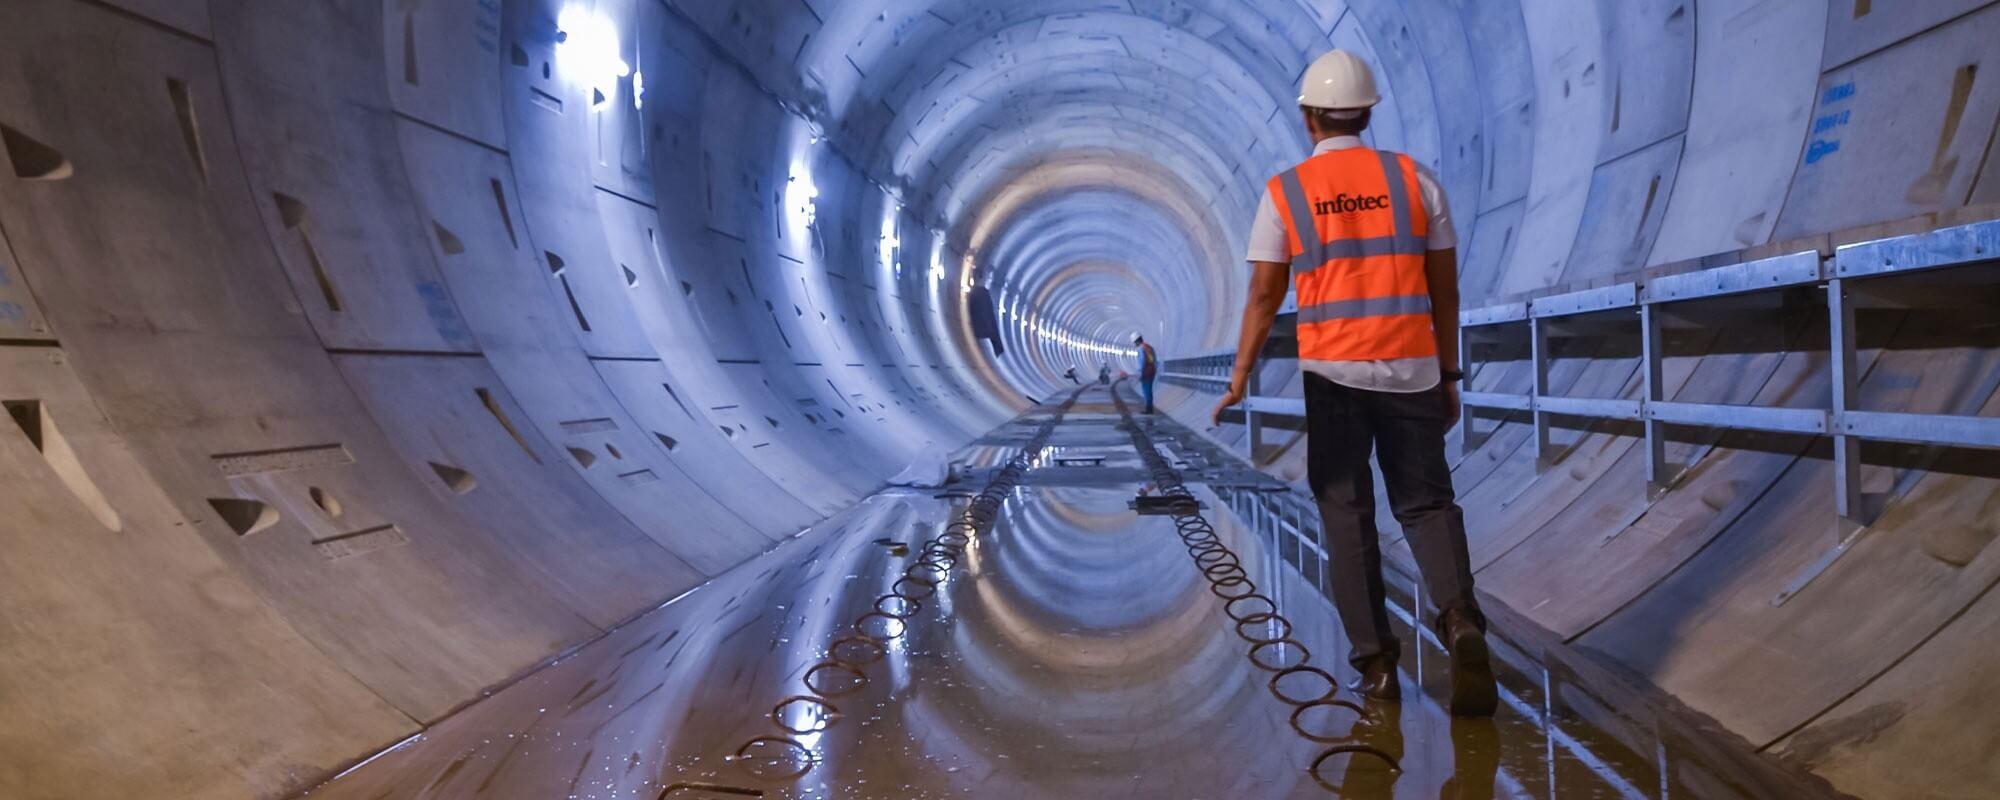 Man walking through underground tunnel